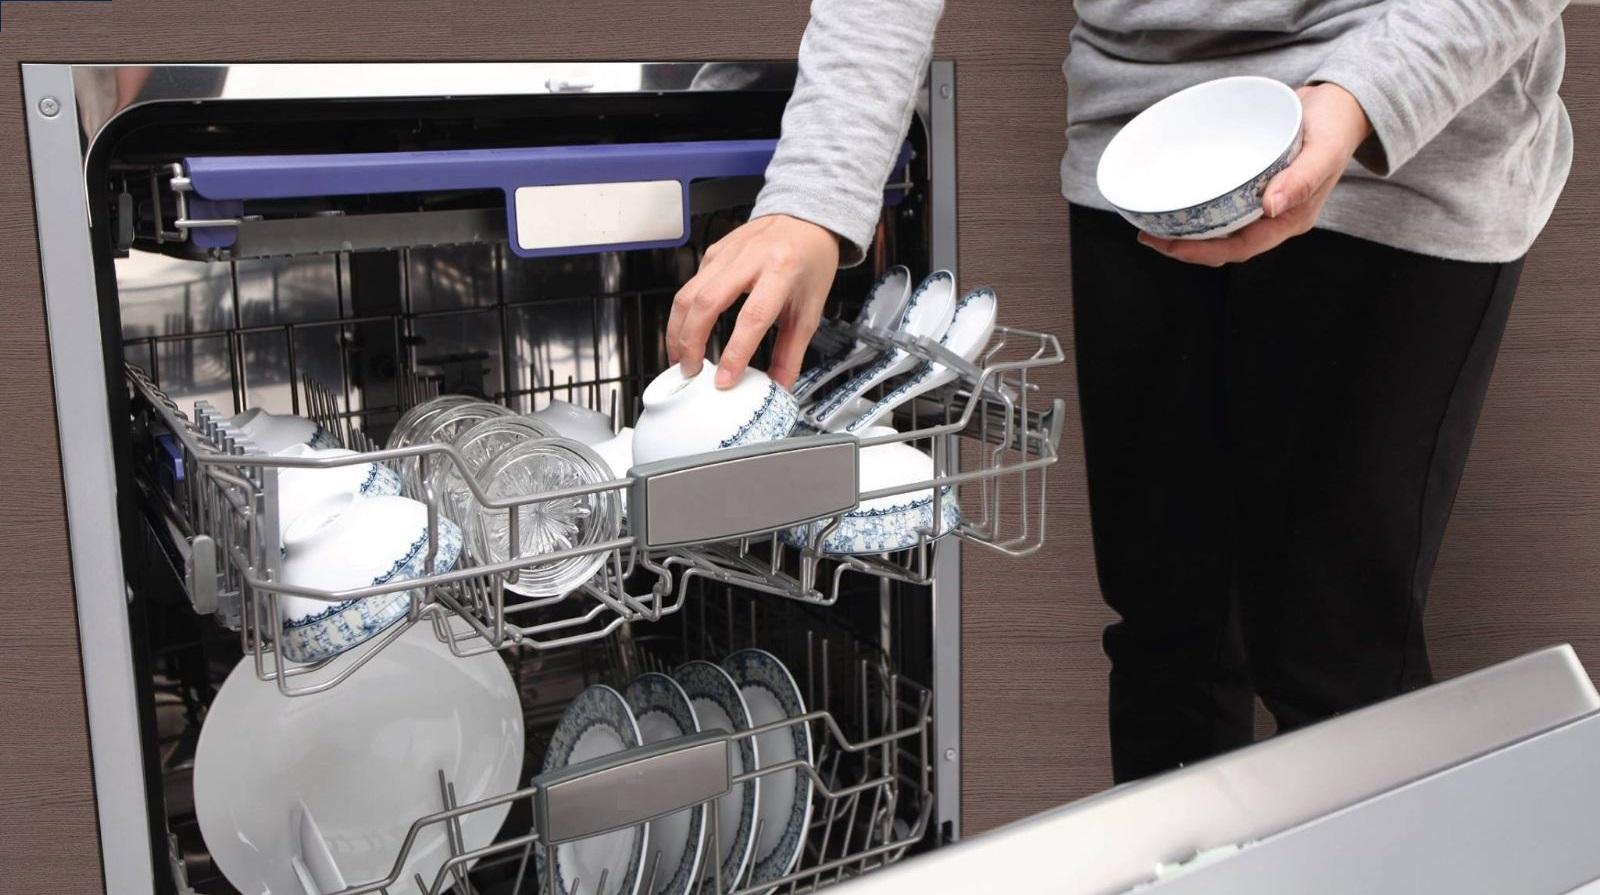 Đây là cách tiết kiệm tối ưu cho cho các thiết bị điện gia đình khi tất cả thành viên đều ở nhà - Ảnh 5.